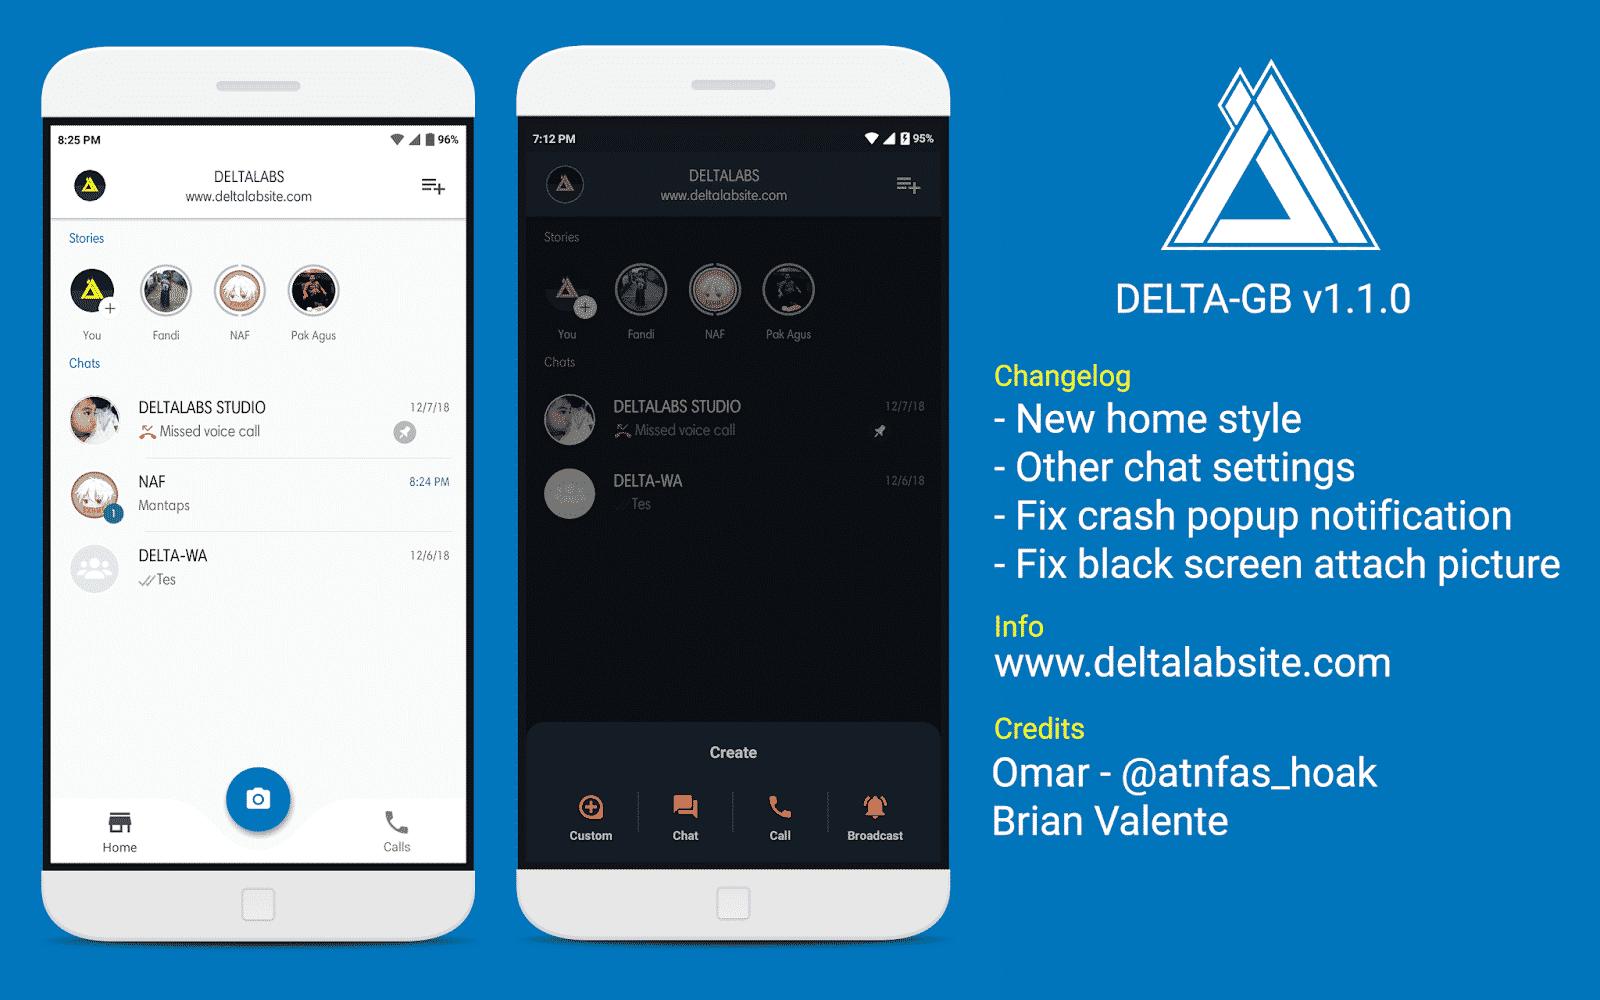 Delta-GBWhatsapp